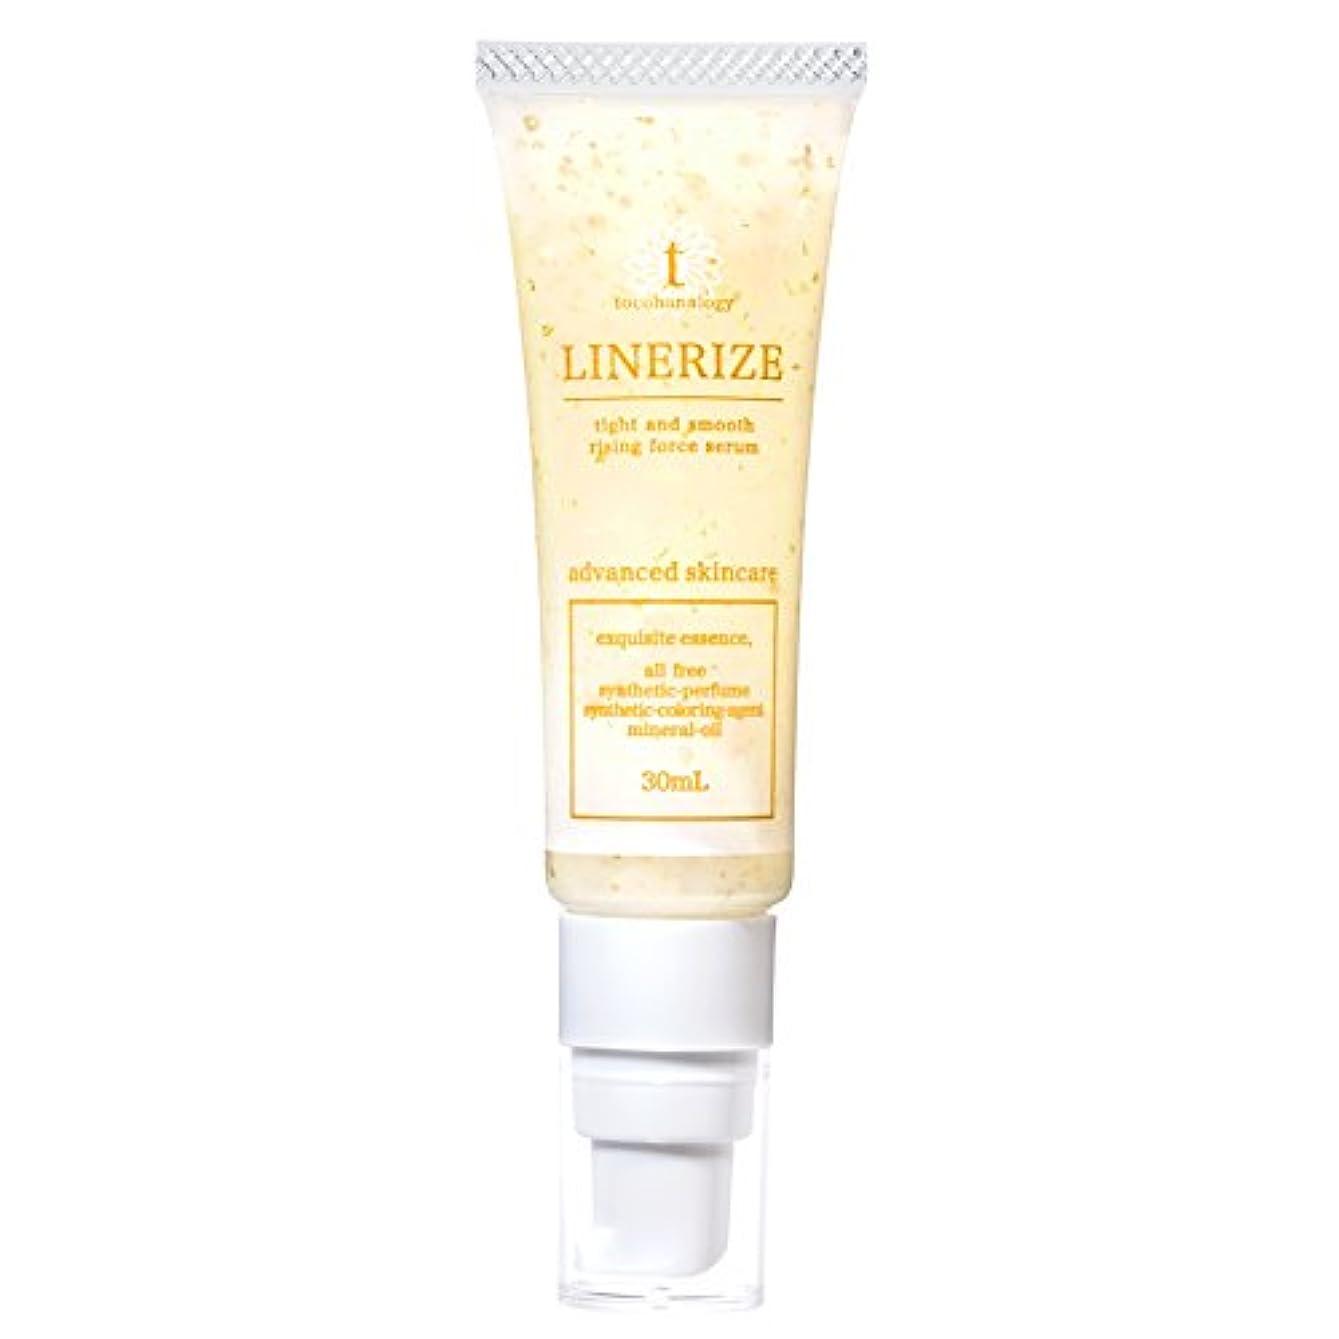 定期的さびた篭トコハナロジー リナライズ 黄金ジェル美容液 顔のむくみ たるみ ほうれい線 毛穴 対策